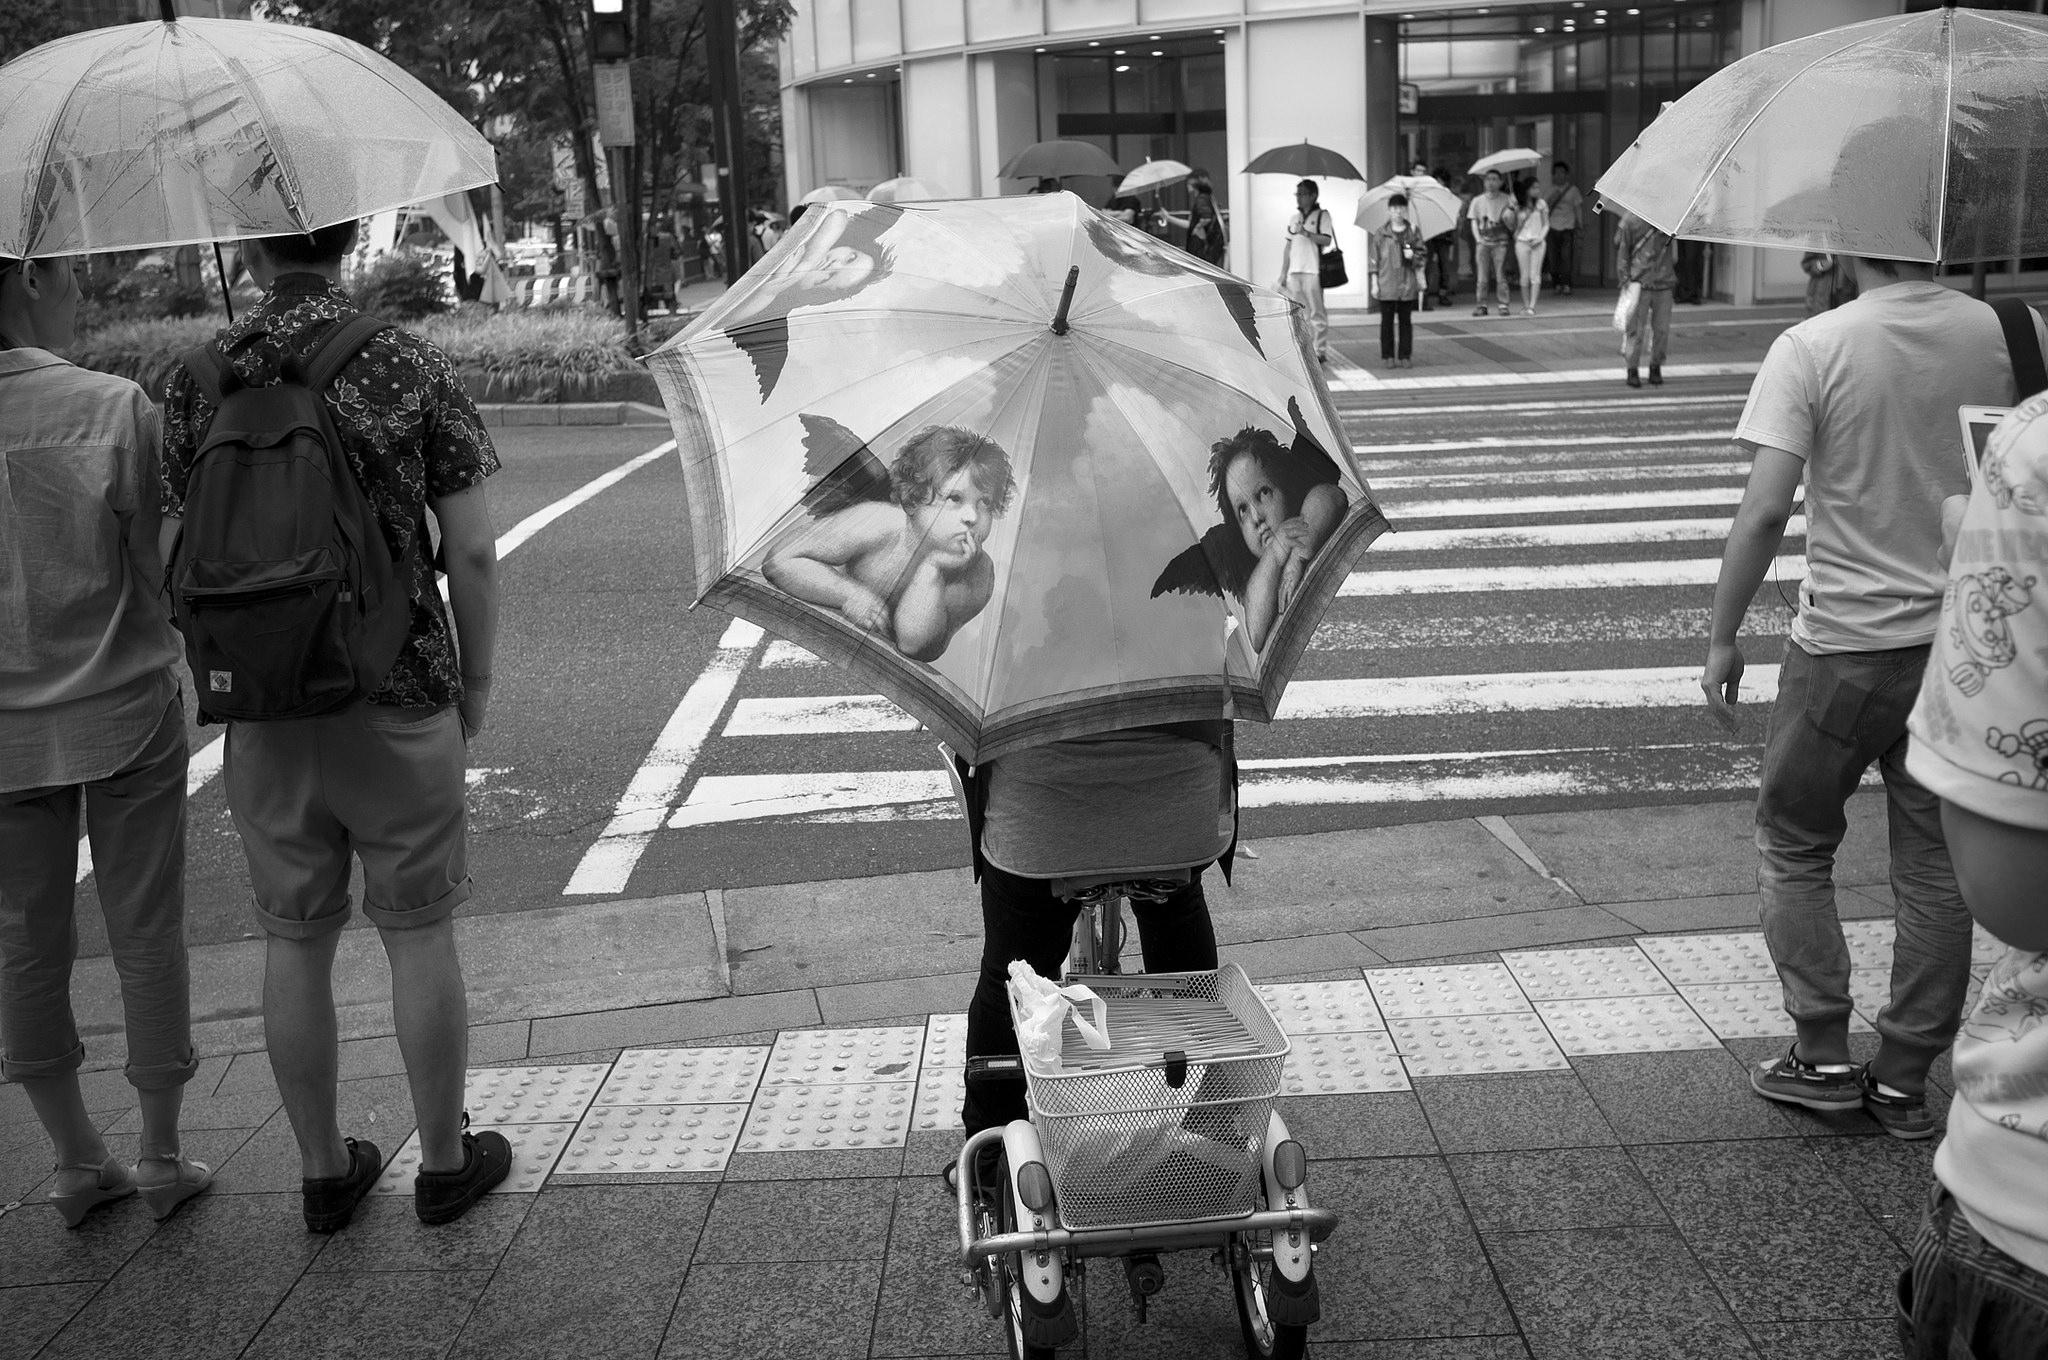 自転車 傘差し運転 違反